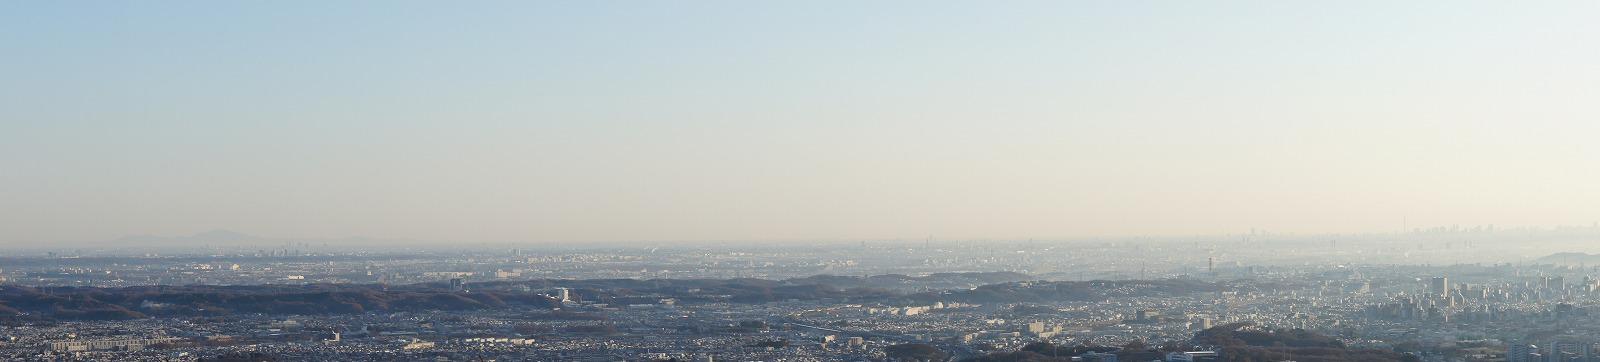 hachiouji5.jpg